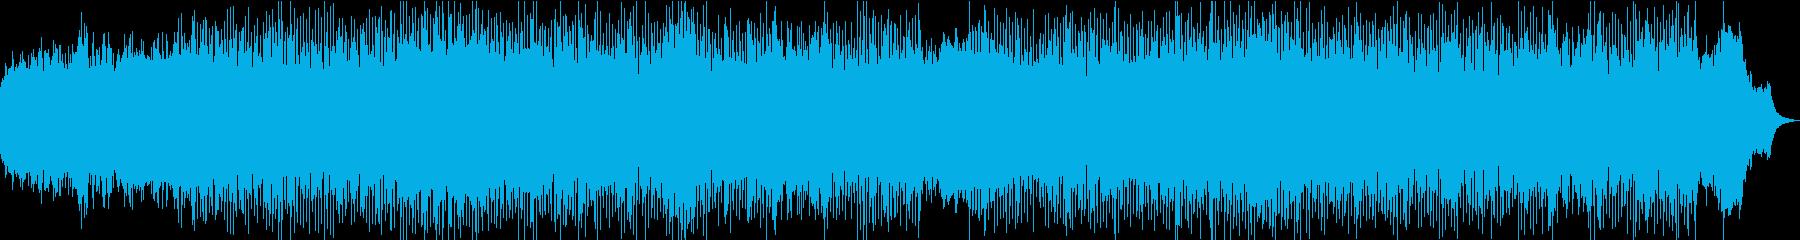 サイエンス、ミッション達成課程などにの再生済みの波形